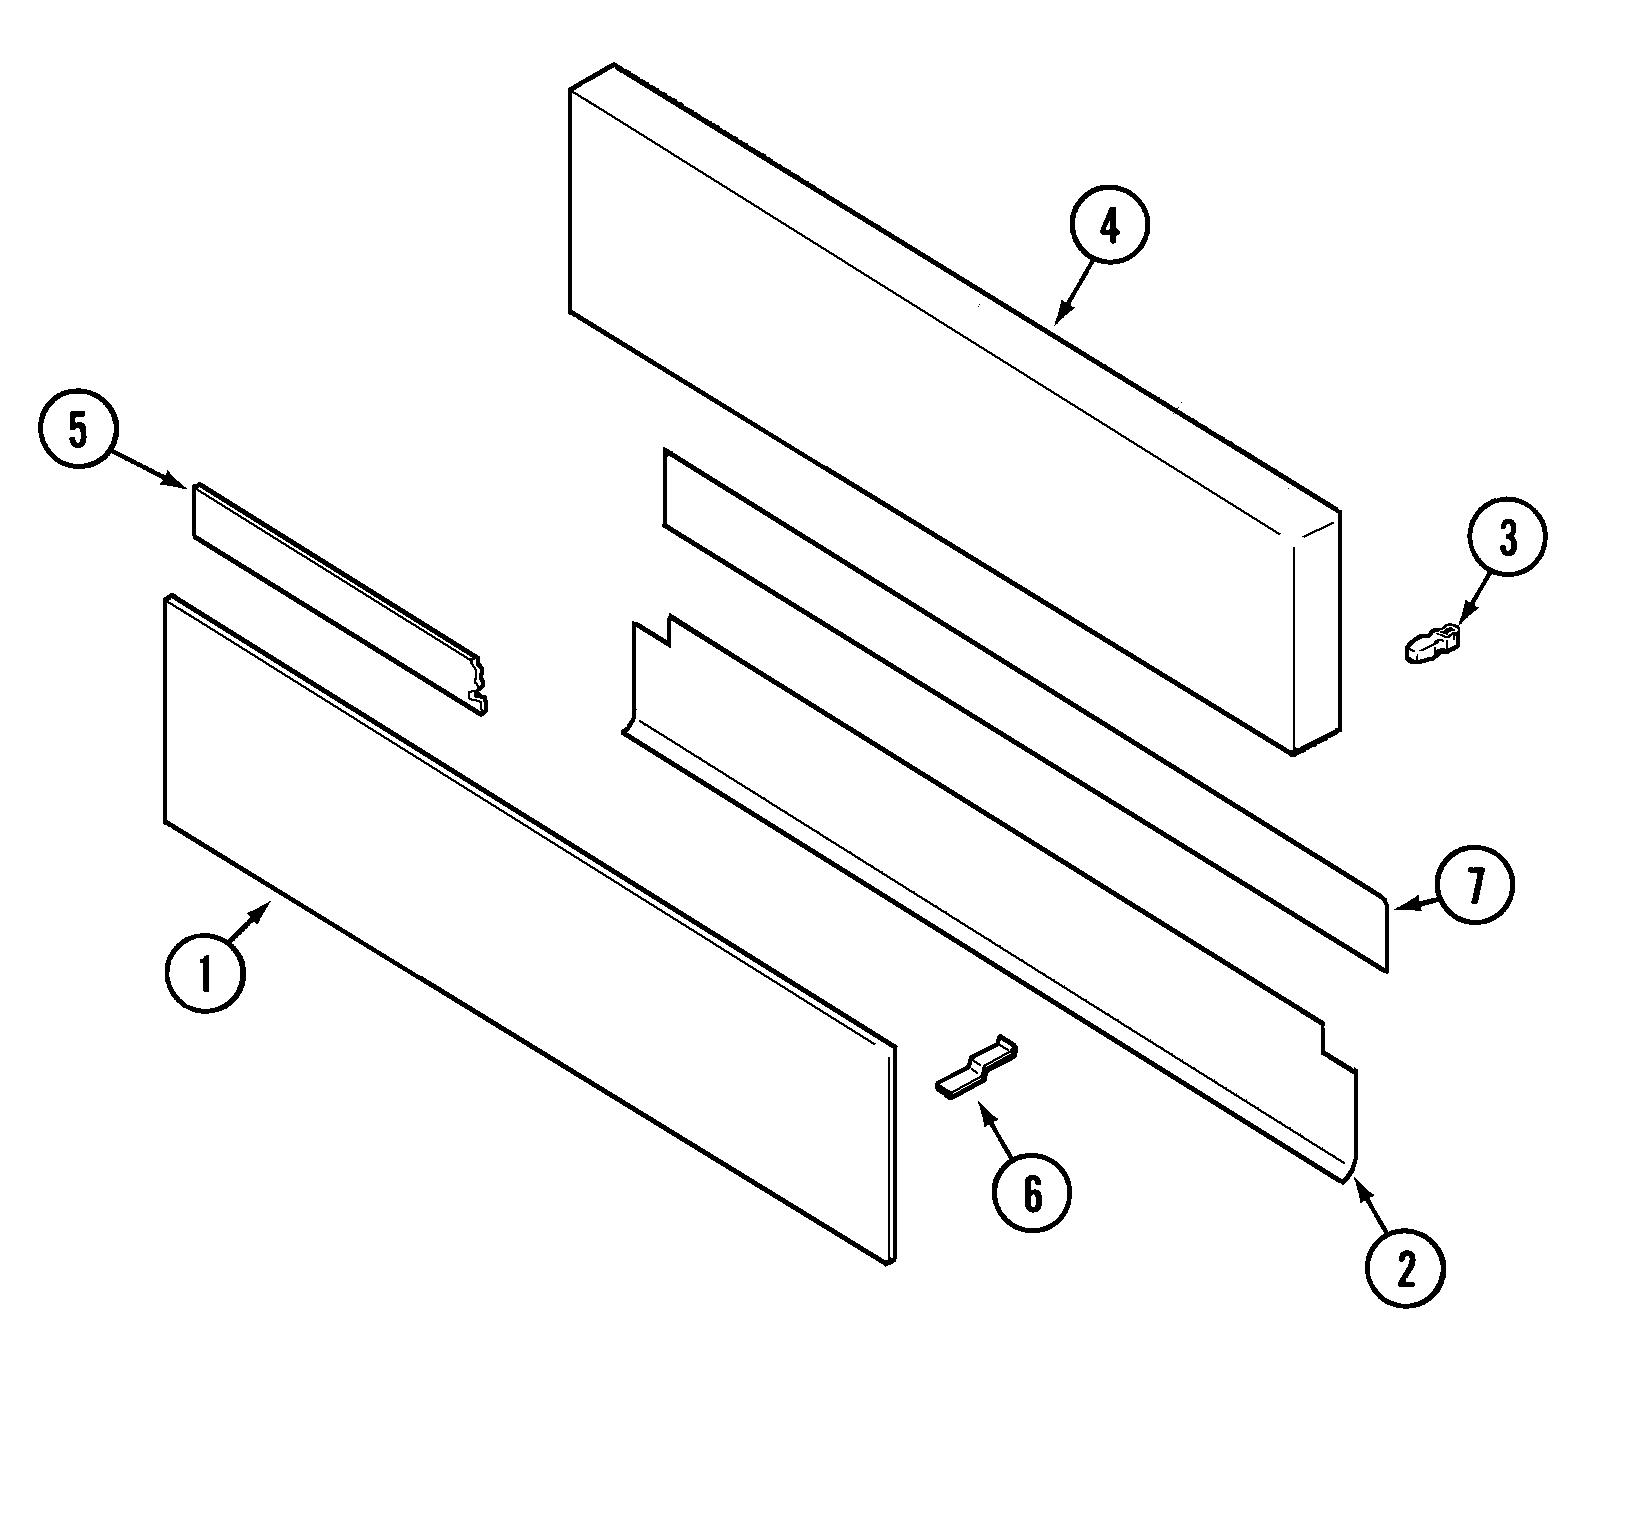 jenn-air sve47600 electric slide-in range timer